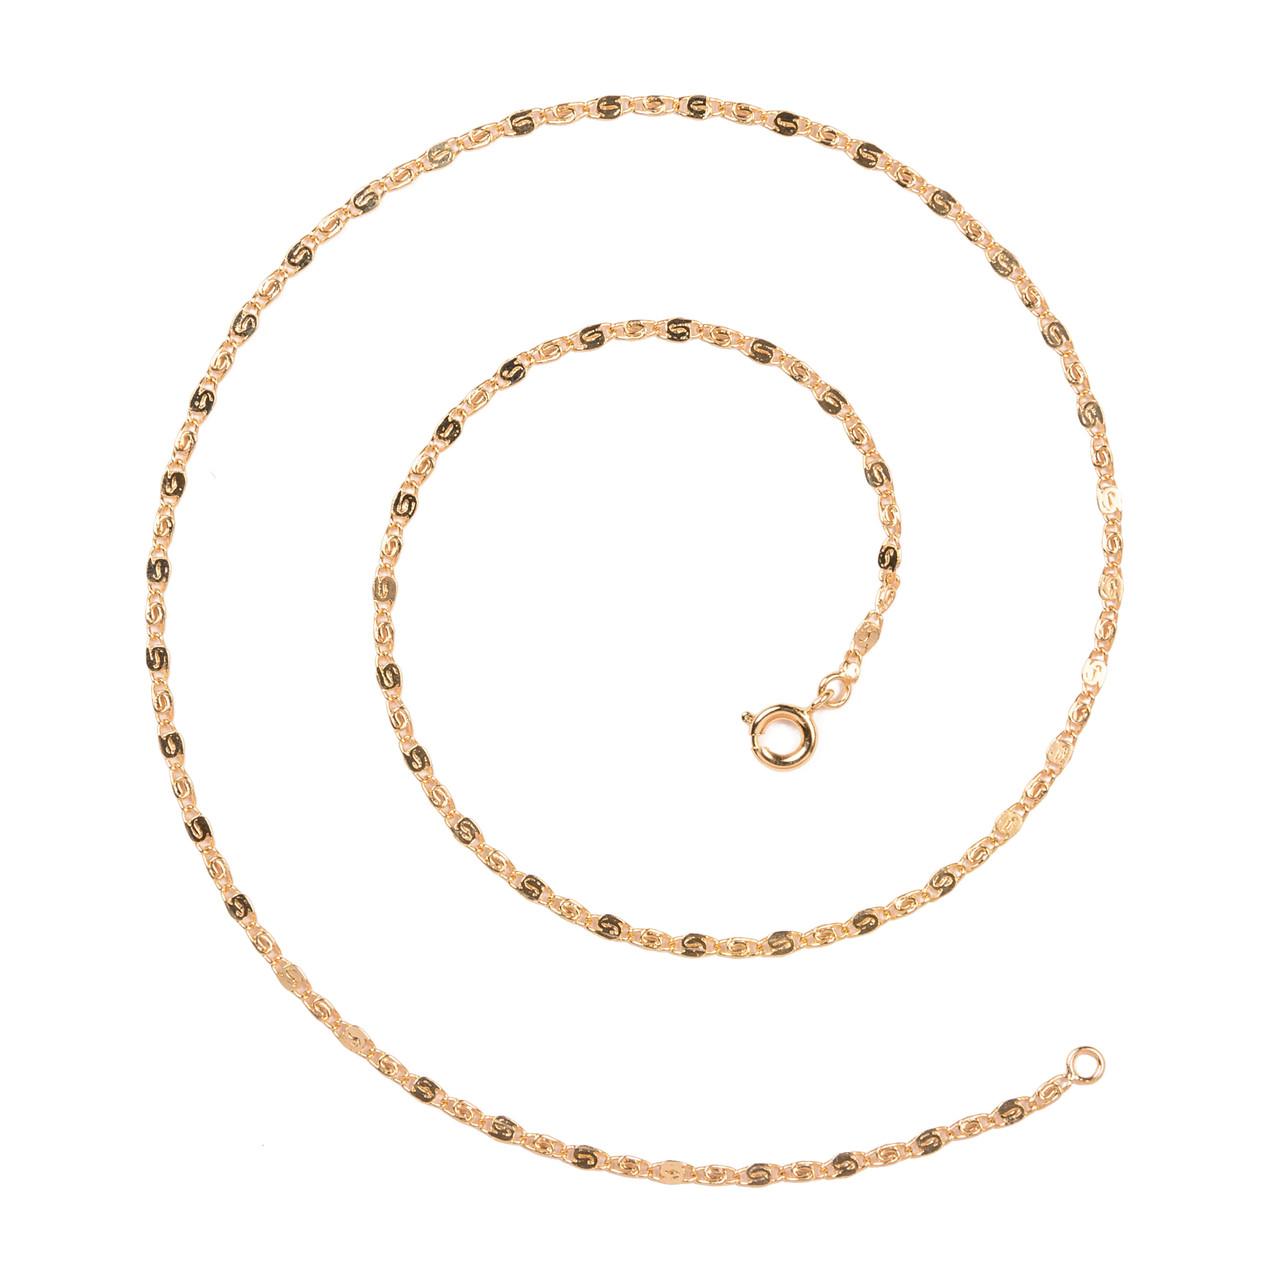 Цепочка Bristoff с позолотой 45 см (iw26341309)